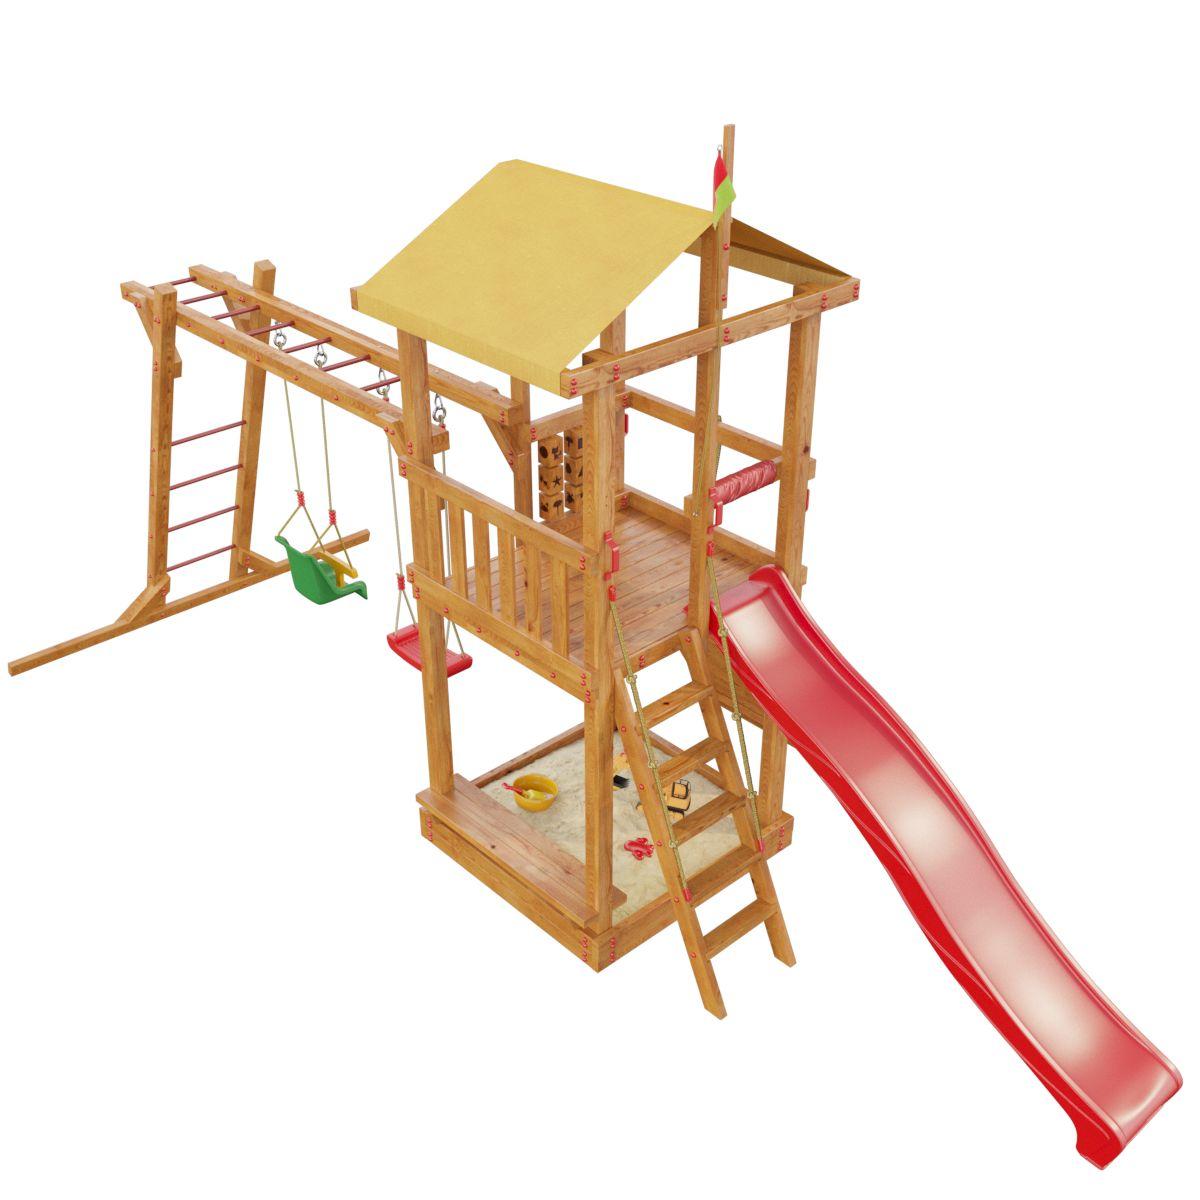 Детская игровая площадка Самсон Мадагаскар Массив дерева Сосна цена